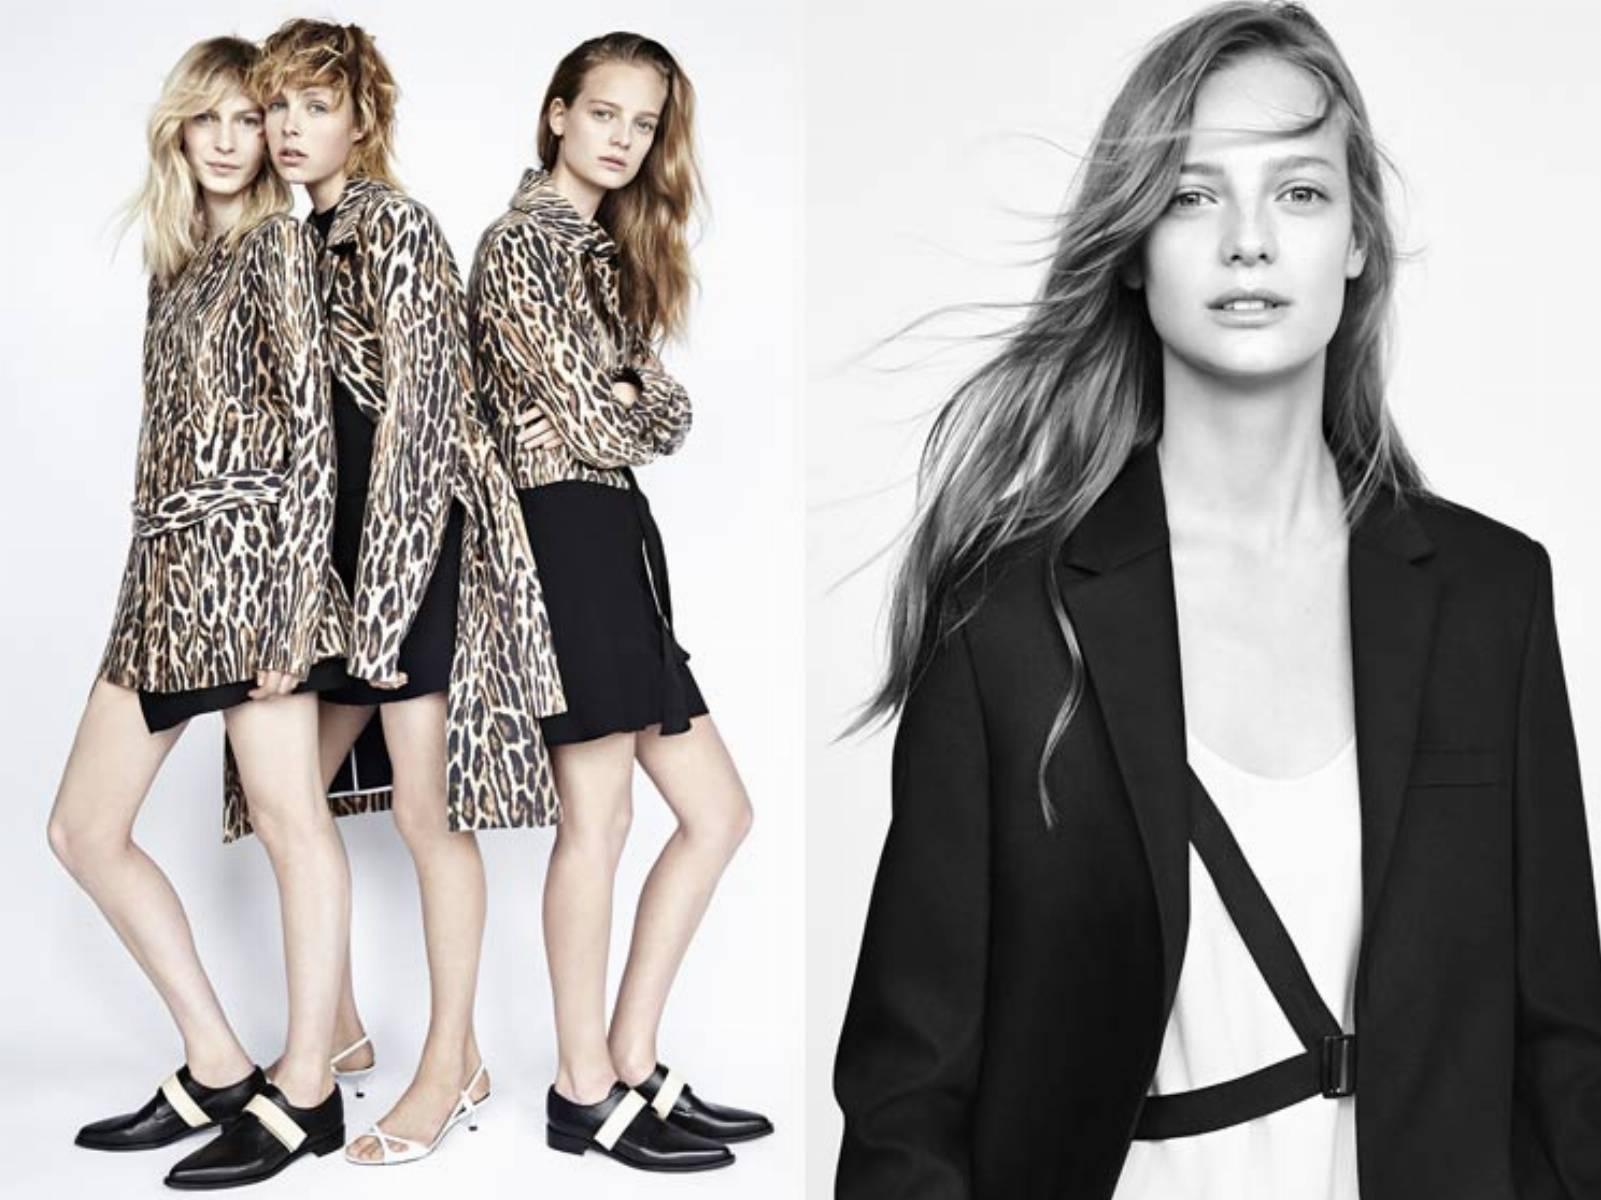 Zara jesien zima 2014 2015 nowa kolekcja (1)